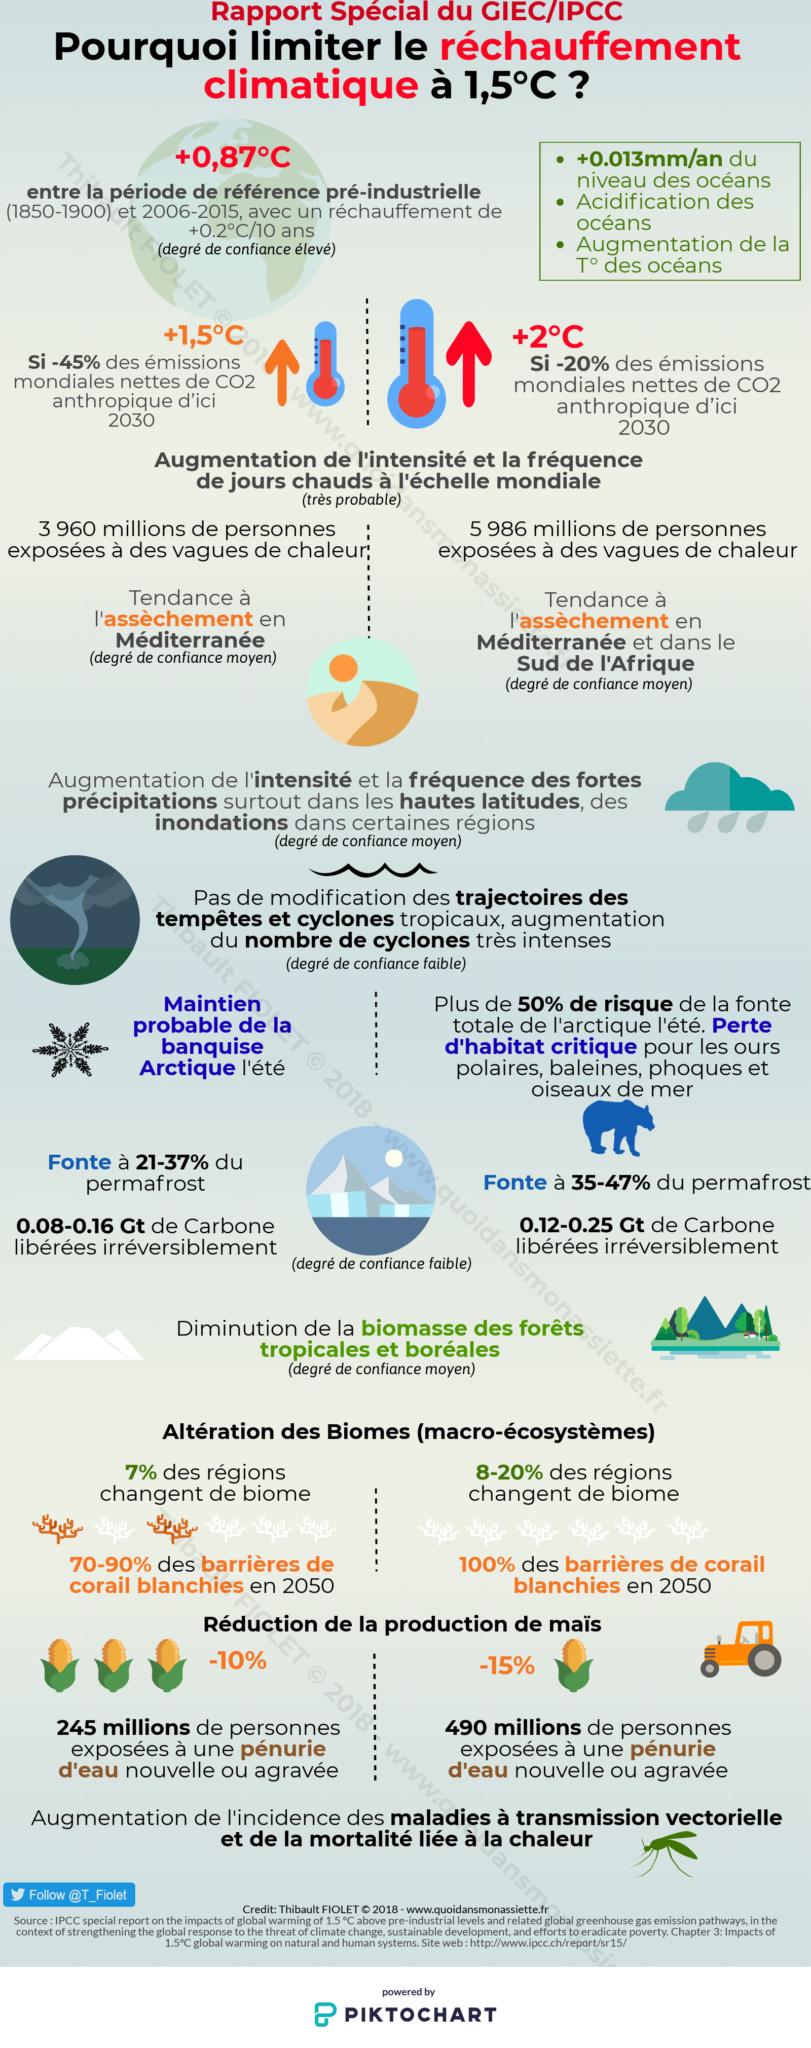 Infographie GIEC Rapport Rechauffement climatique à 1.5°C